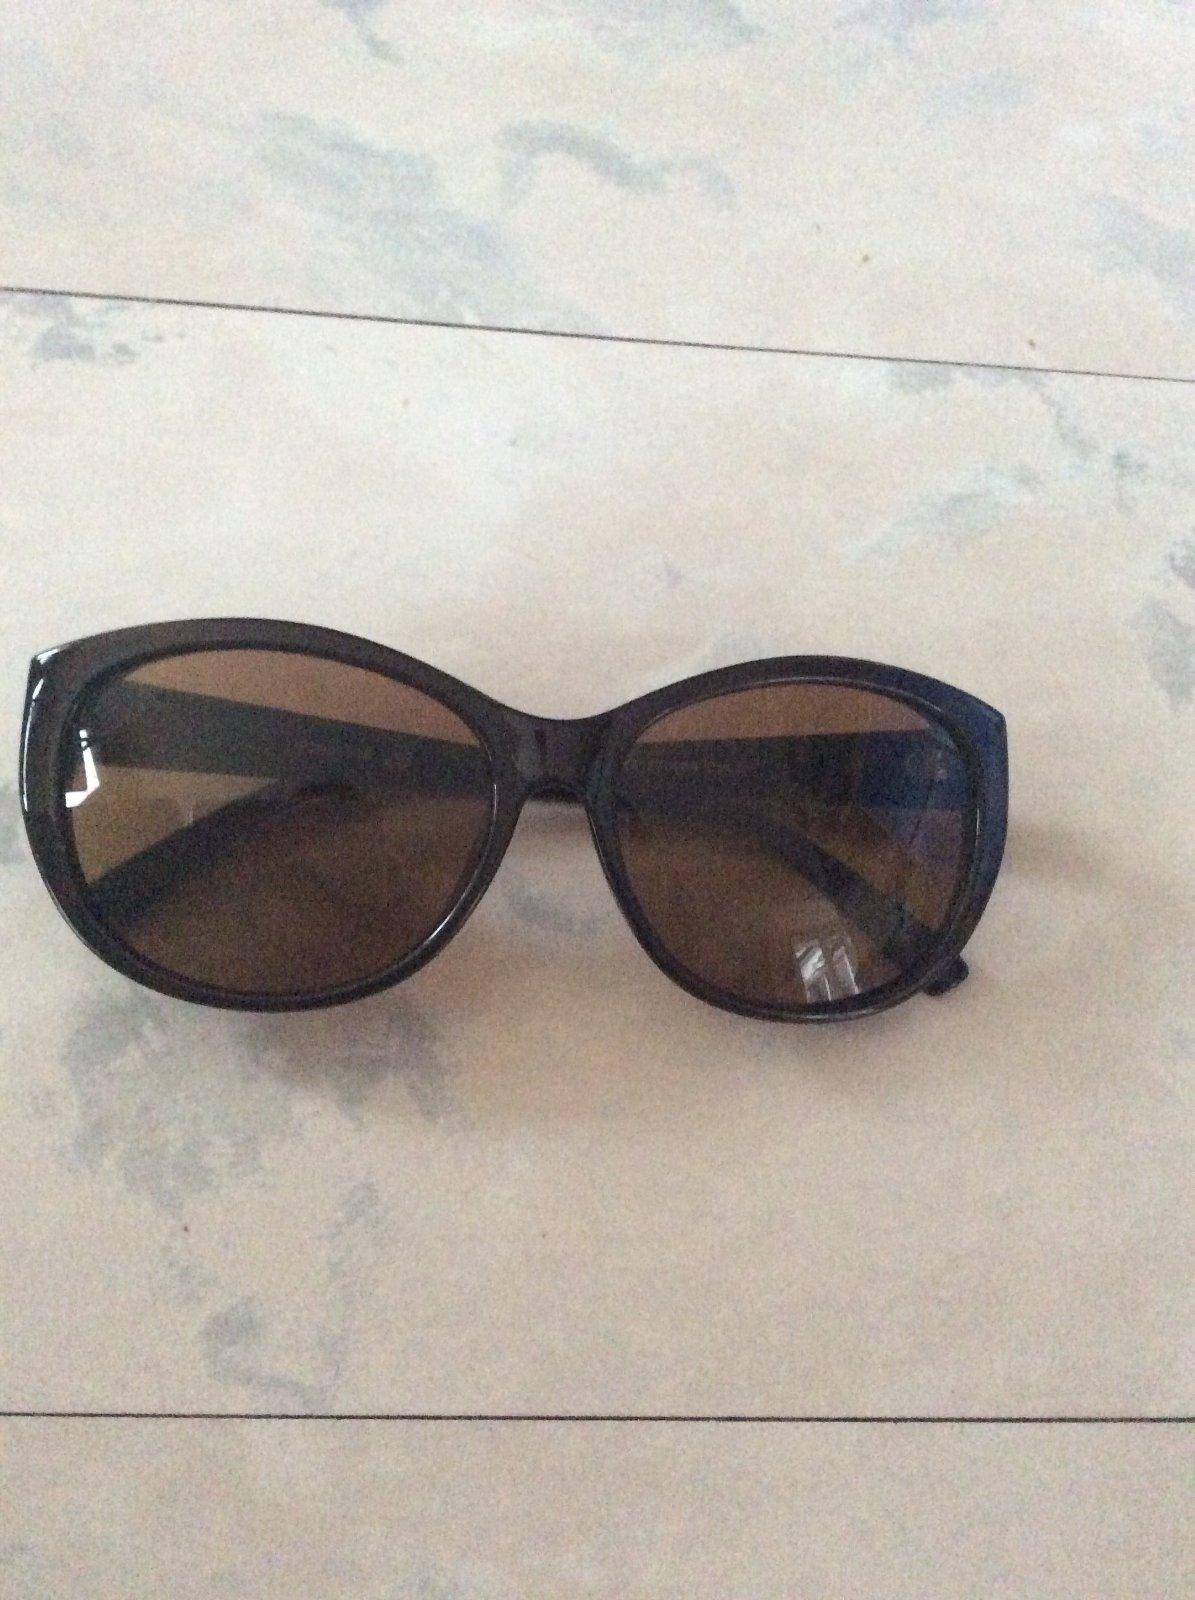 Slnečné okuliare s uv filtrom 54cabb59244